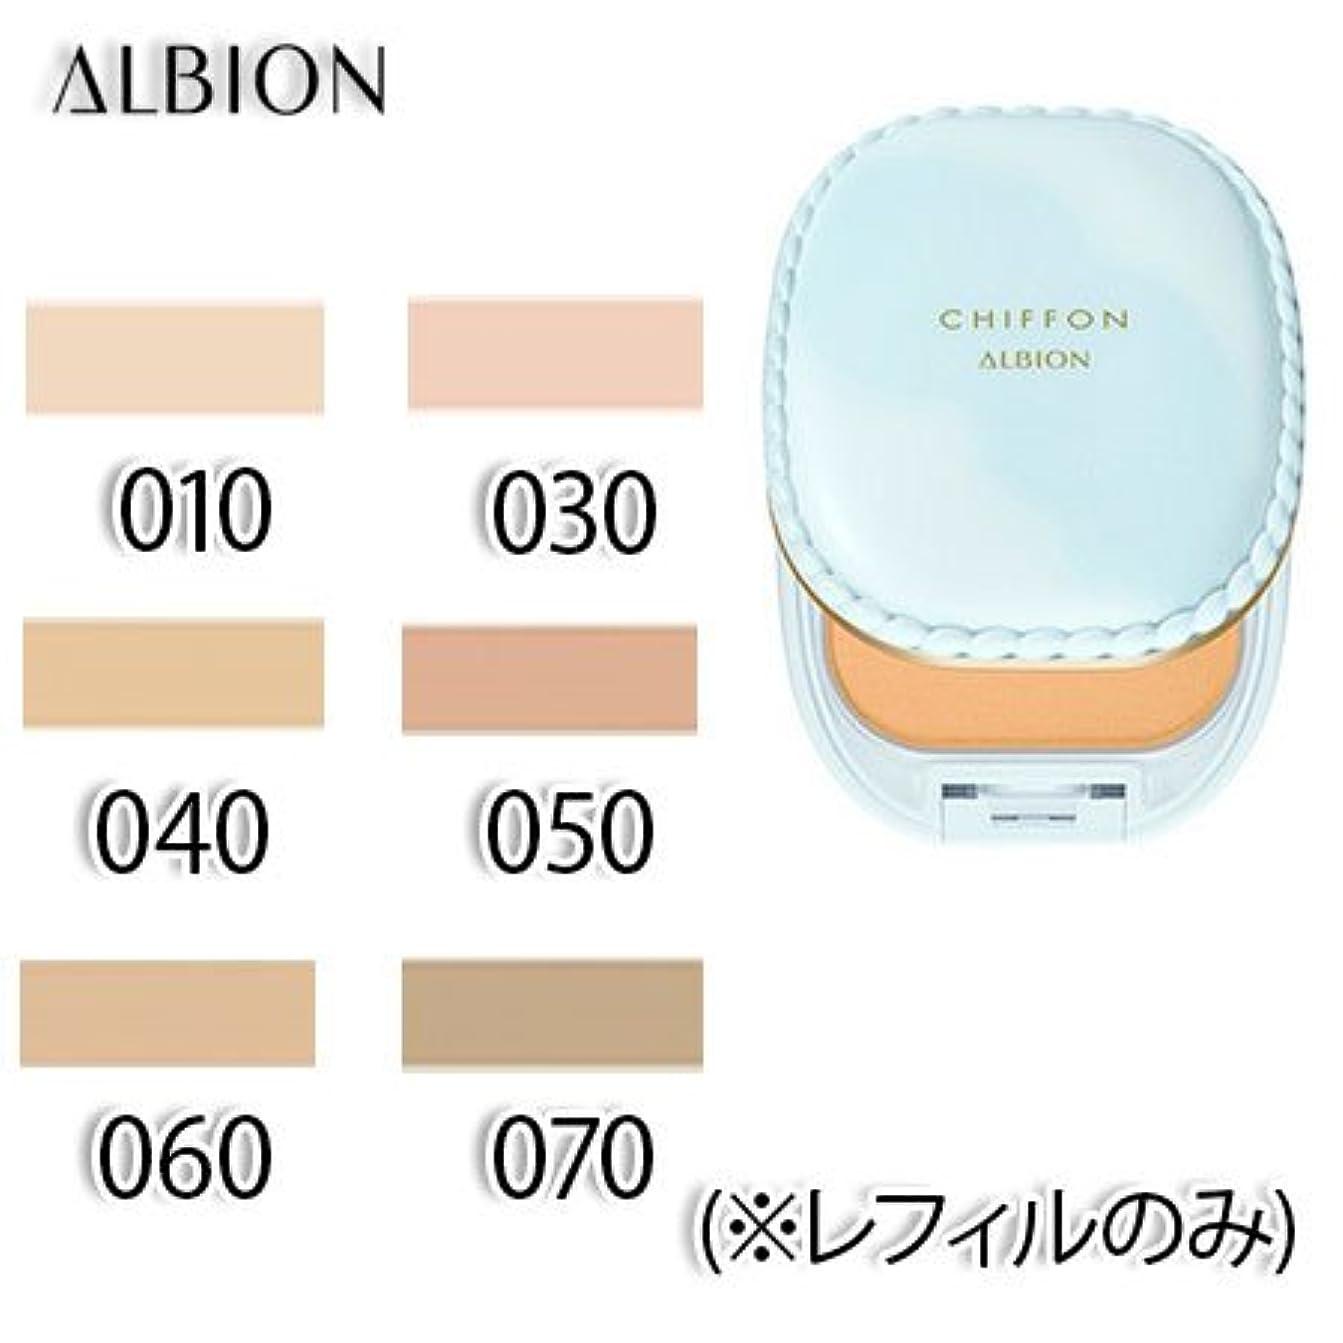 アーティスト可聴援助するアルビオン スノー ホワイト シフォン 全6色 SPF25?PA++ 10g (レフィルのみ) -ALBION- 070